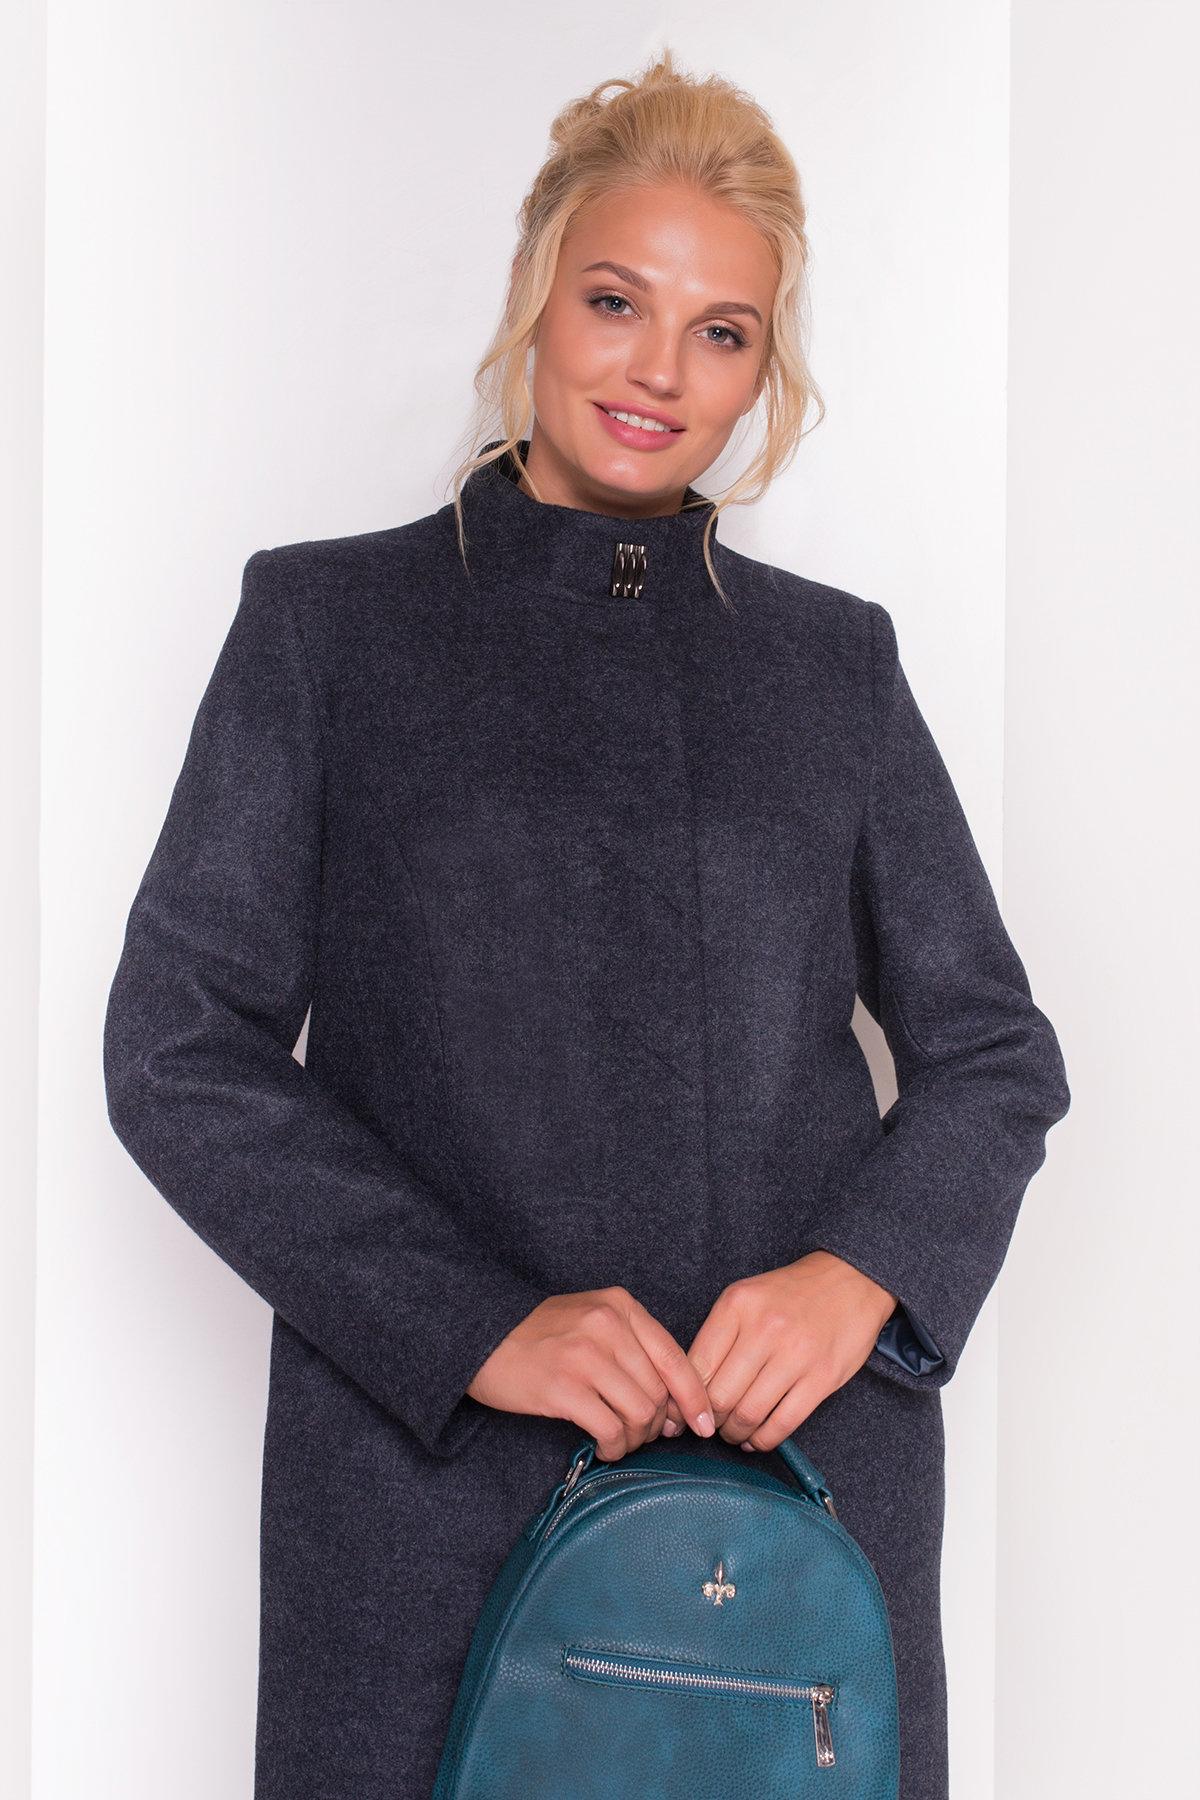 Пальто Сплит DONNA 4466 АРТ. 21354 Цвет: Темно-синий - фото 3, интернет магазин tm-modus.ru